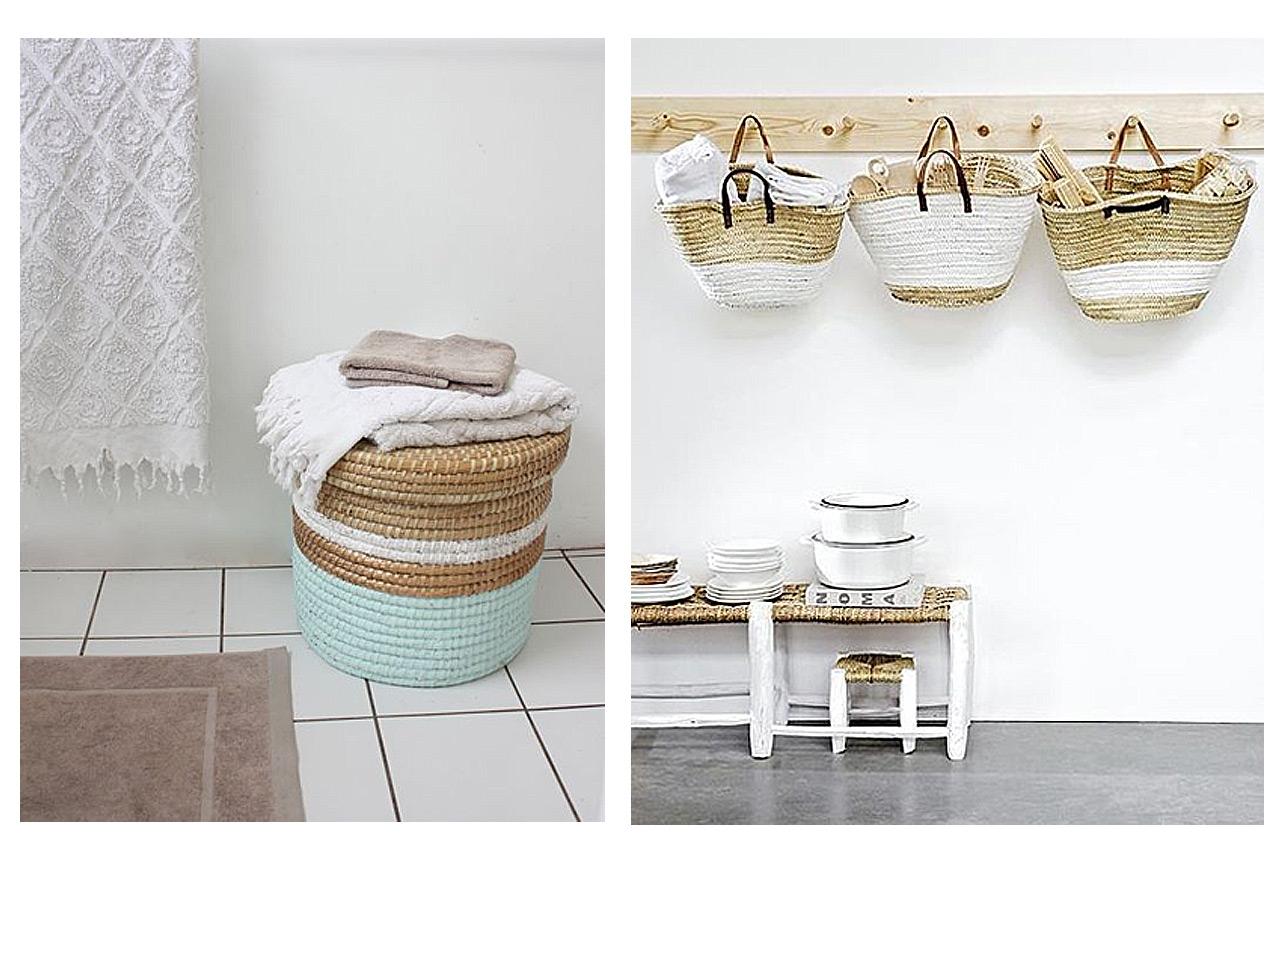 Todo vuelve decoraci m con cestas de mimbre y muebles de for Muebles con cestas